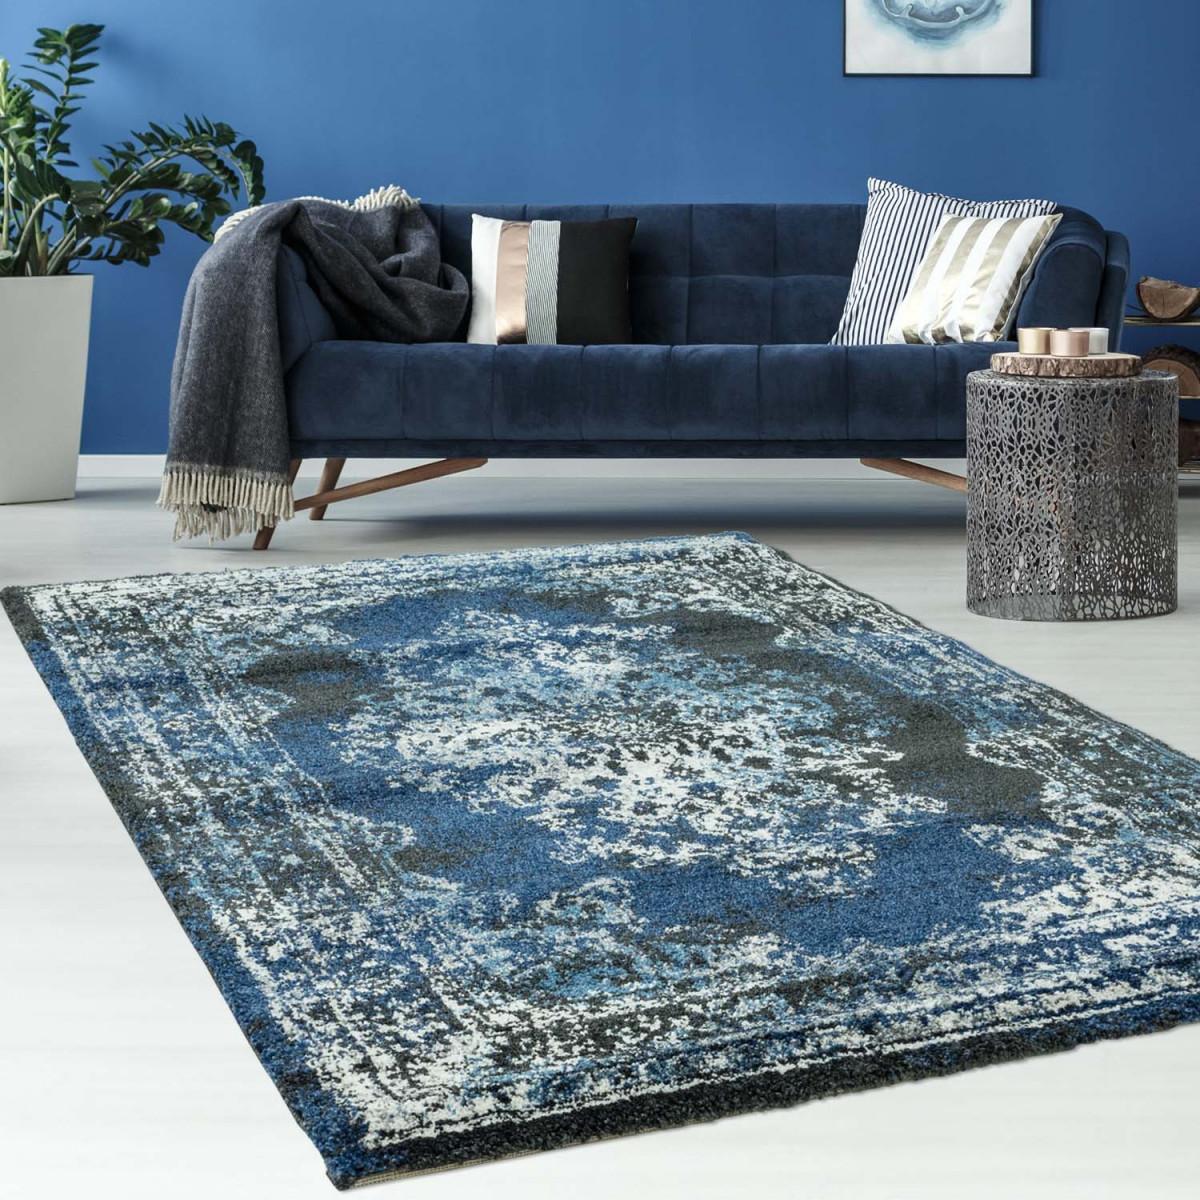 Teppich Mit Klassischem Design  Gabeh 3931 Schwarz Blau von Teppich Blau Wohnzimmer Bild